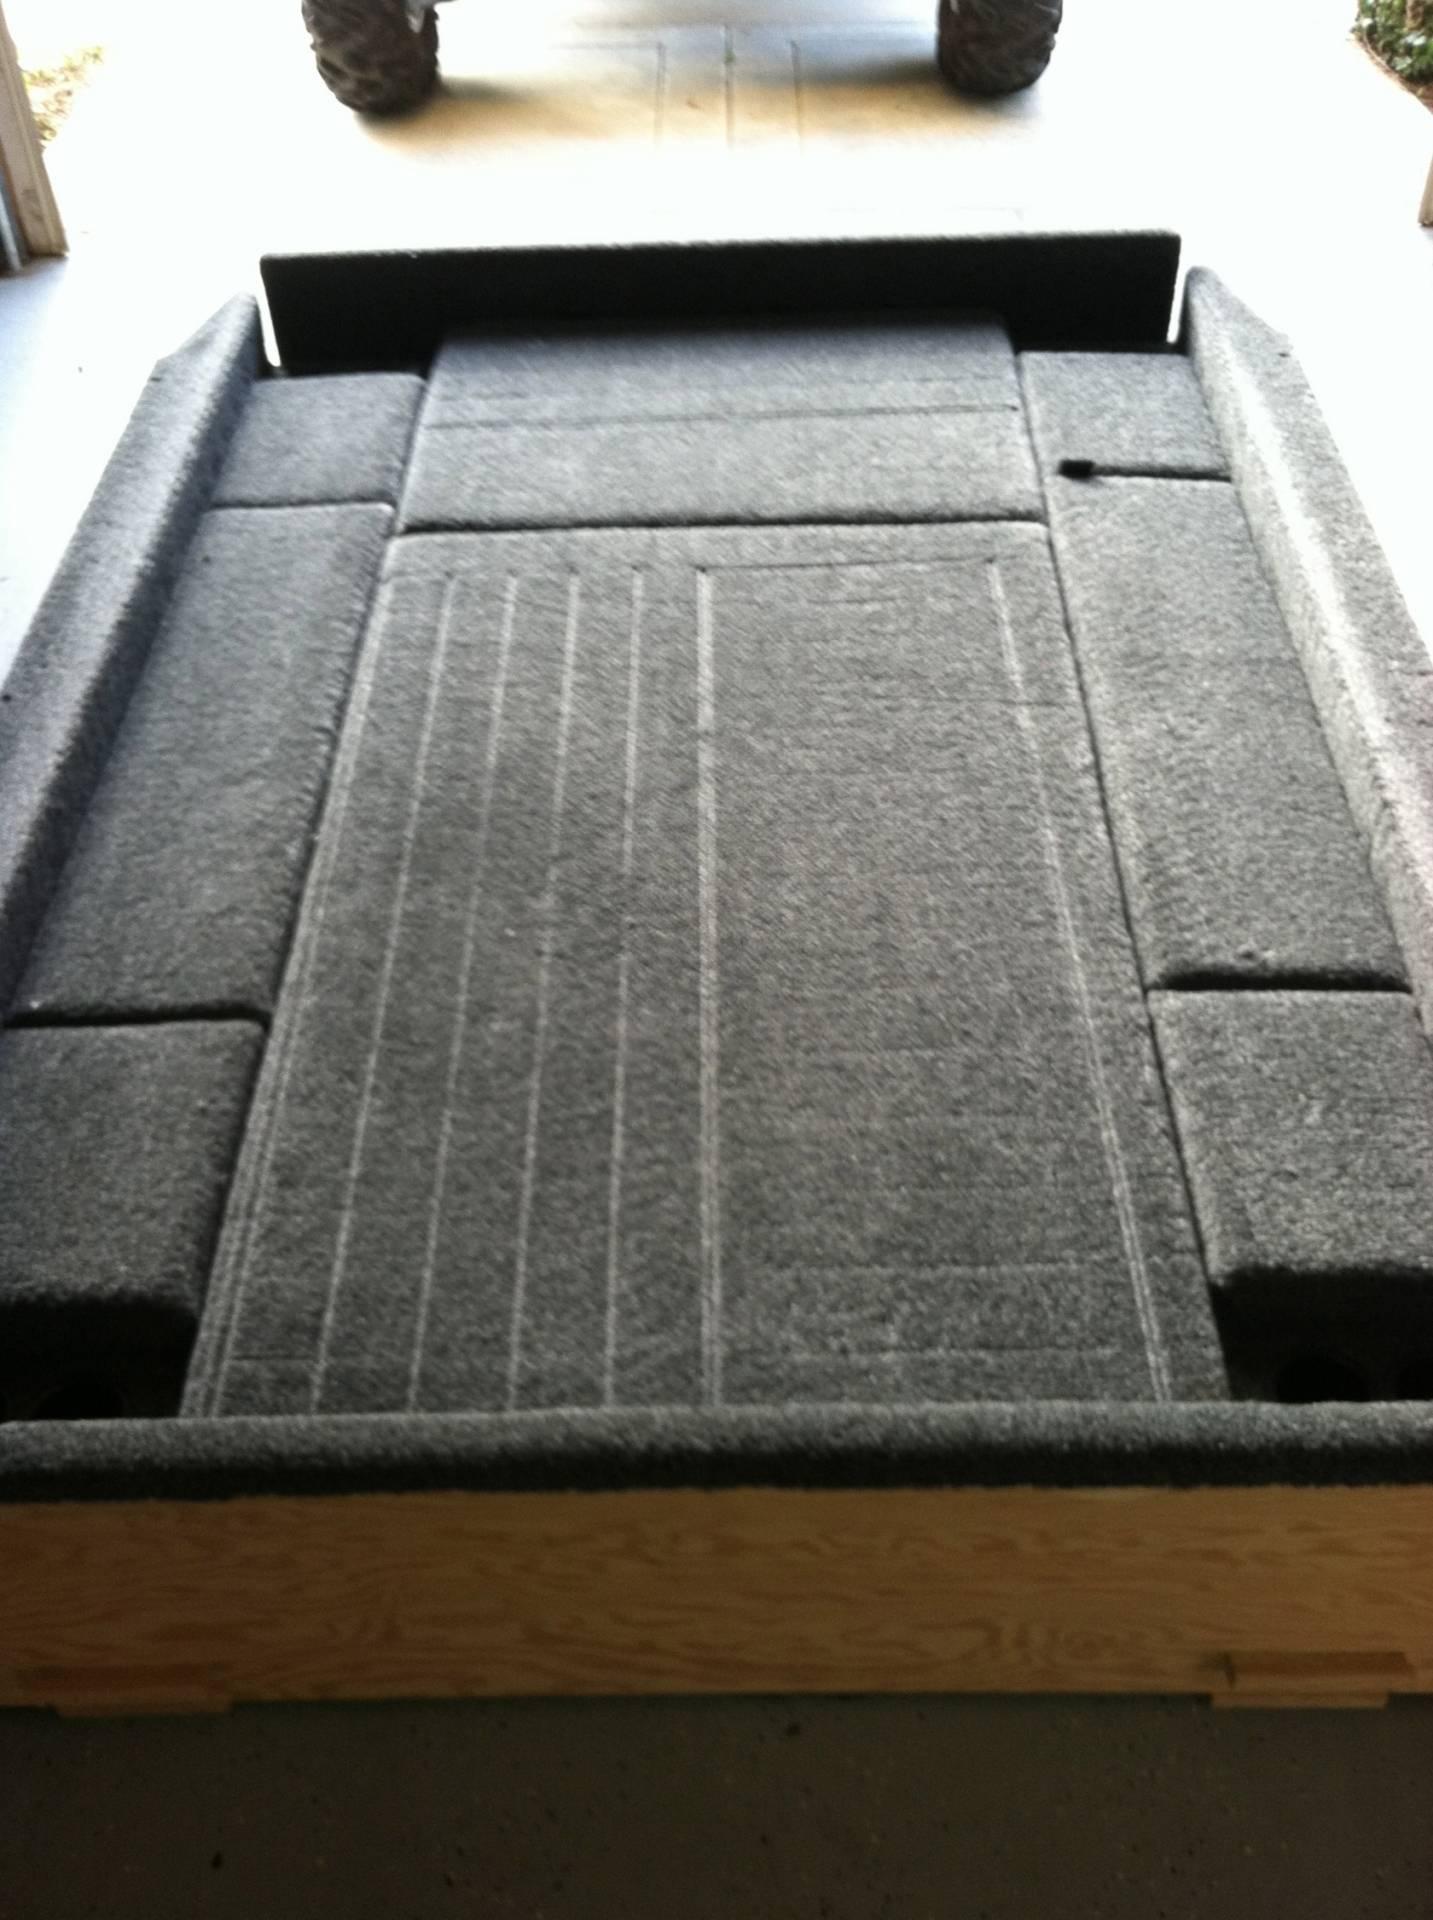 Truck Bed Carpet Camping Kit Bloodydecks